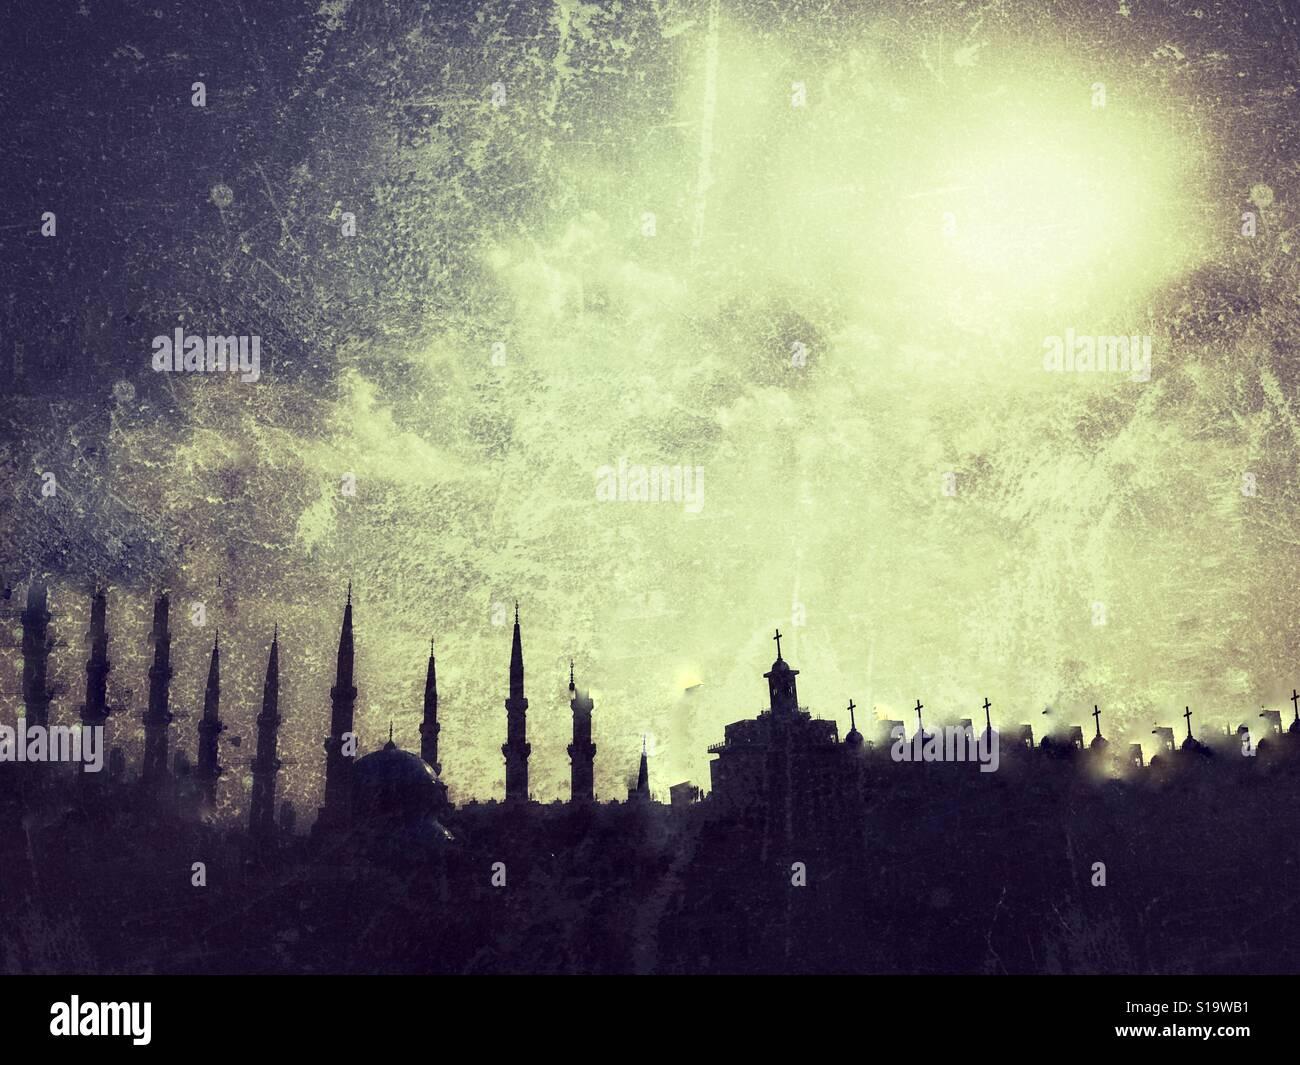 Islam e Cristianesimo Immagini Stock